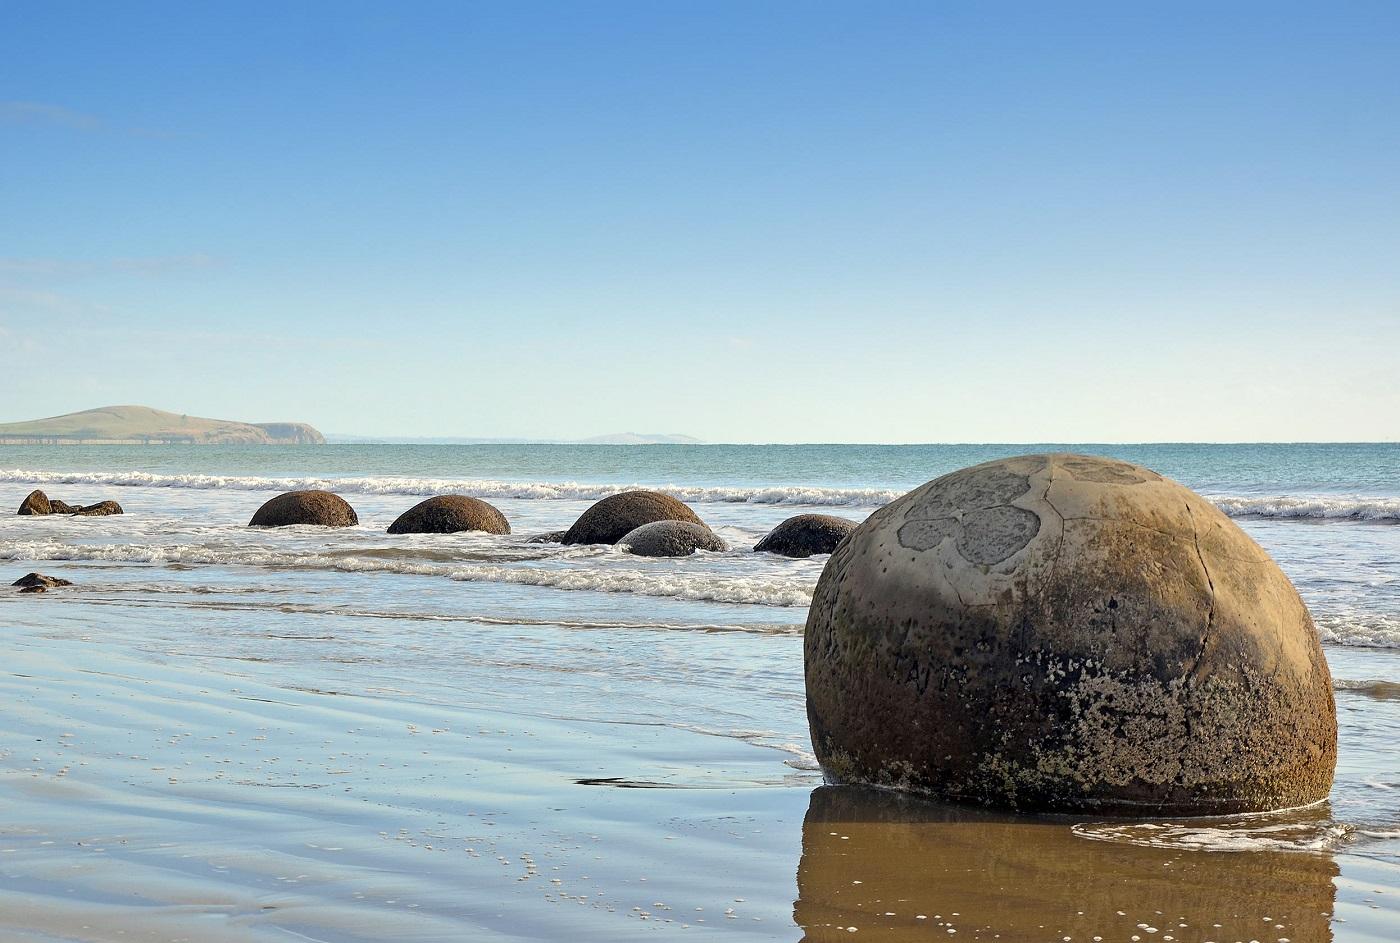 moeraki-boulders-new-zealand